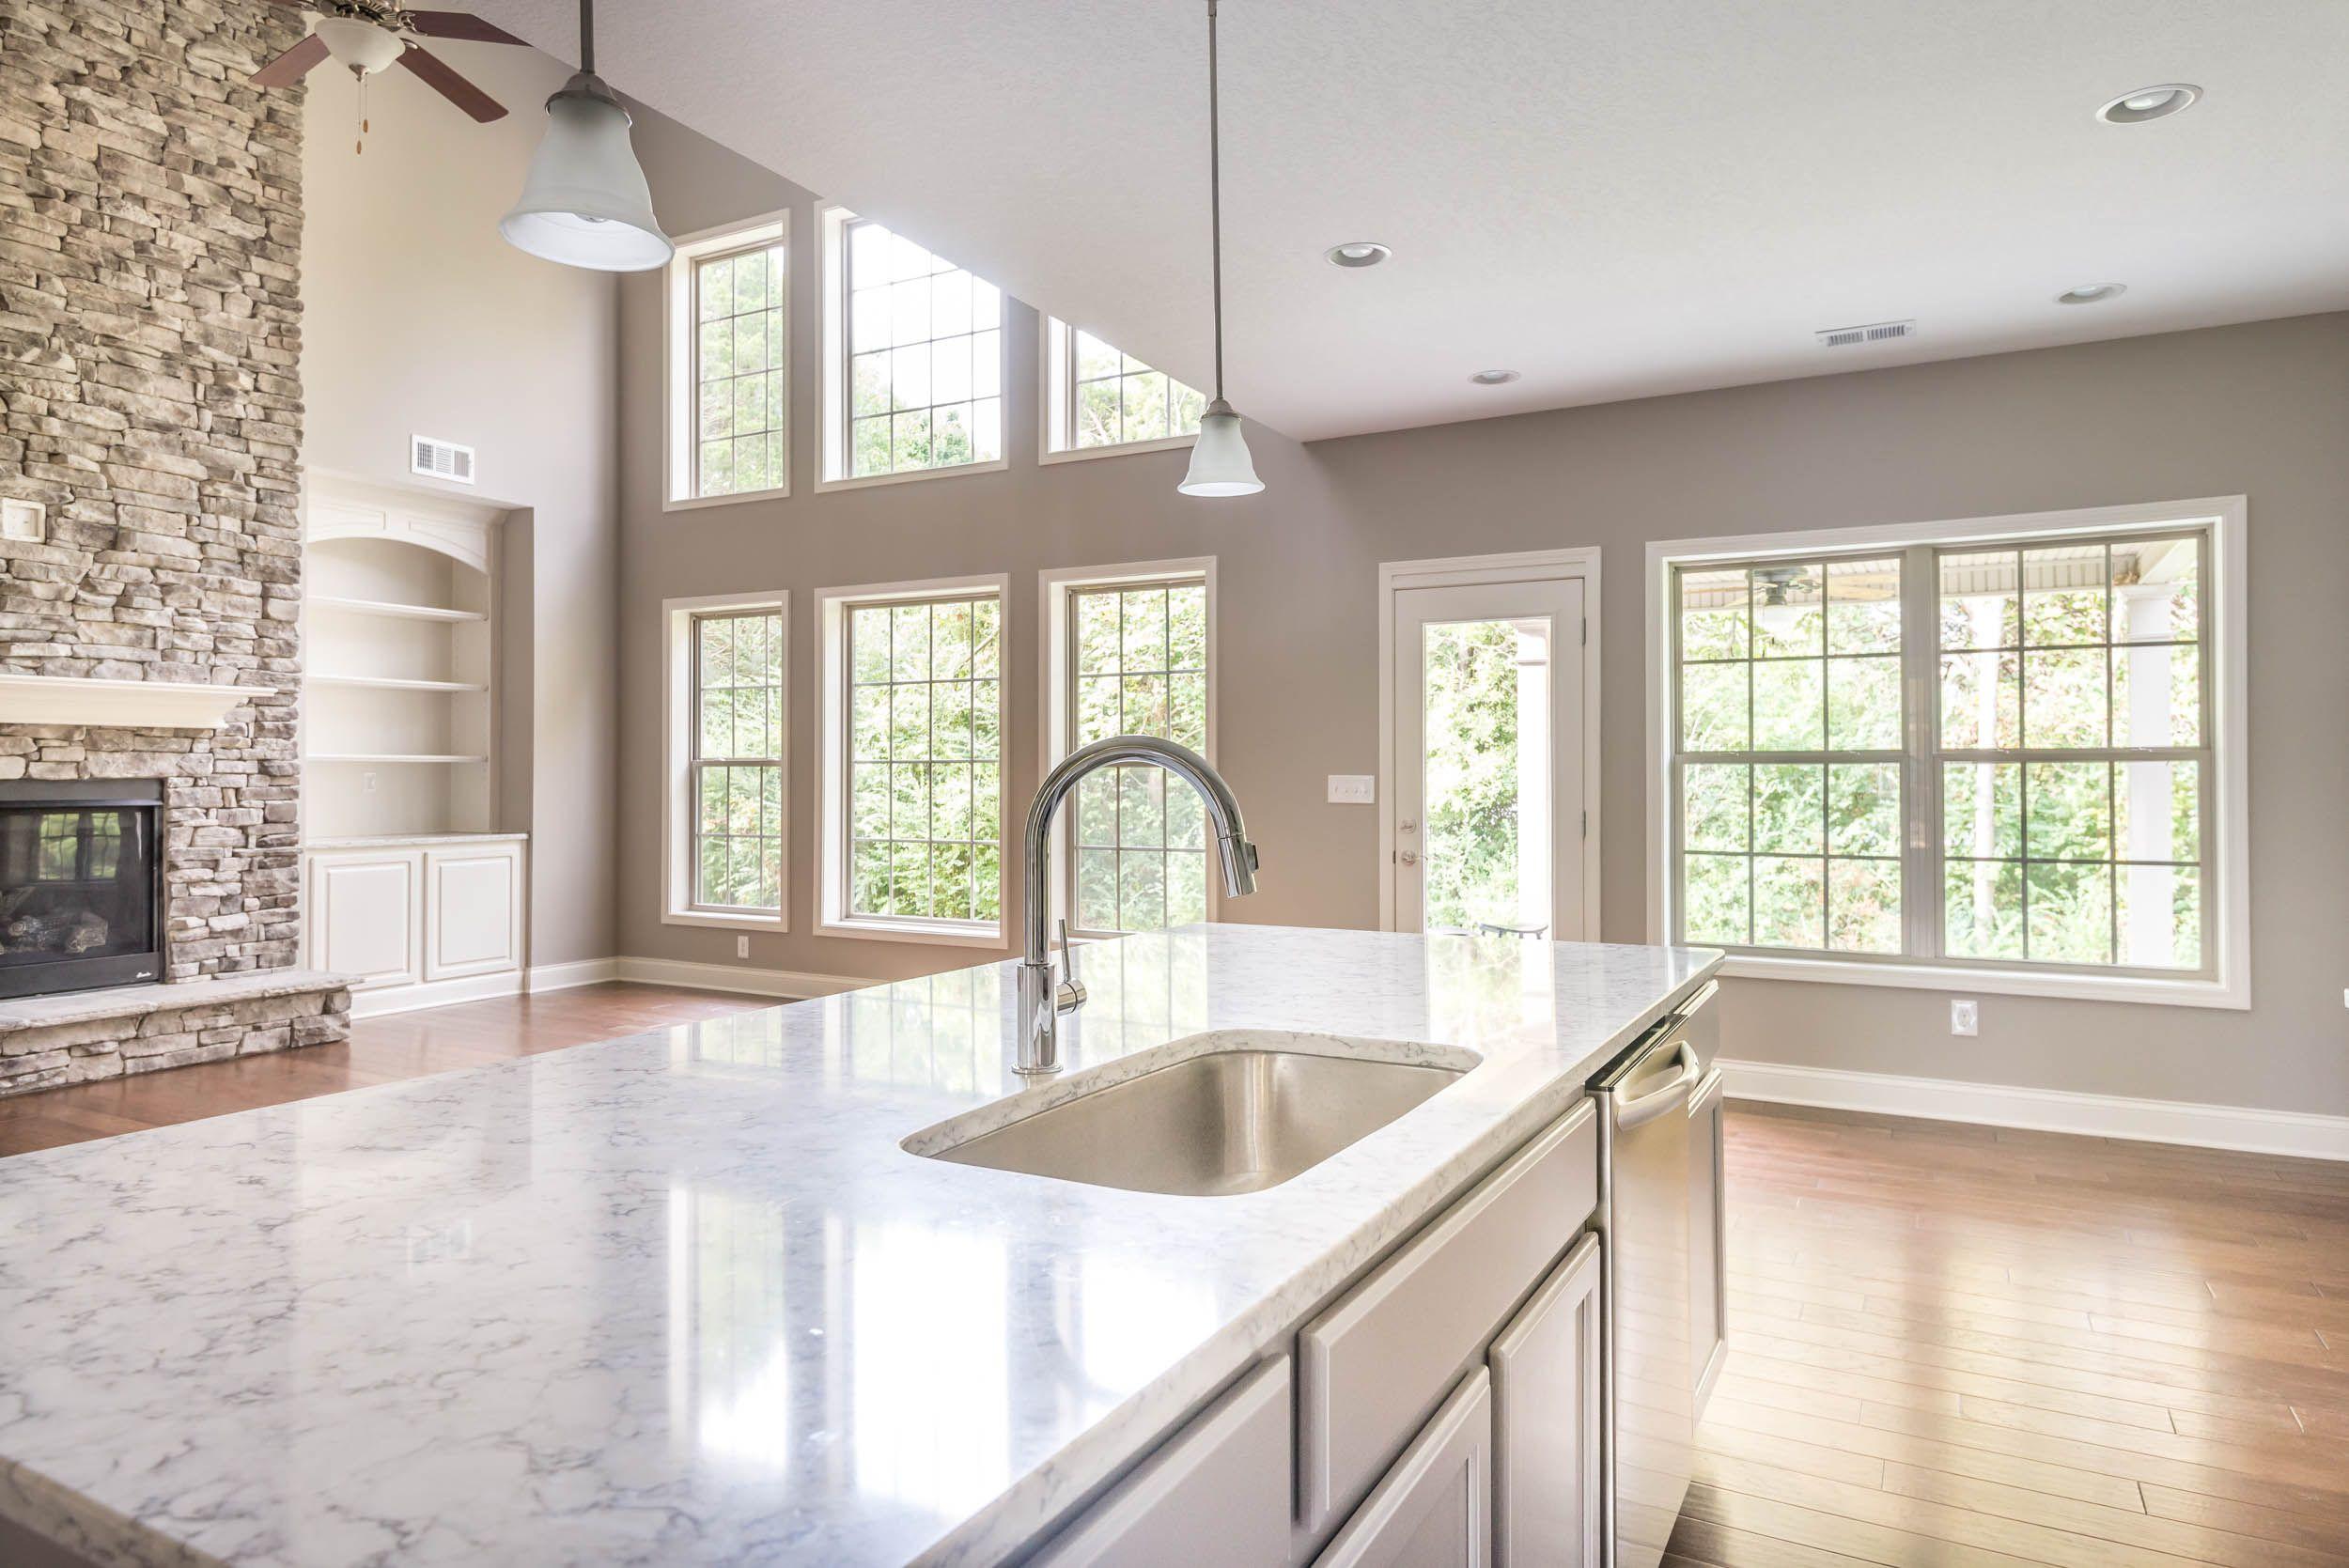 Spencer II Open Floor Plan Living Room & Kitchen | The Spencer II ...